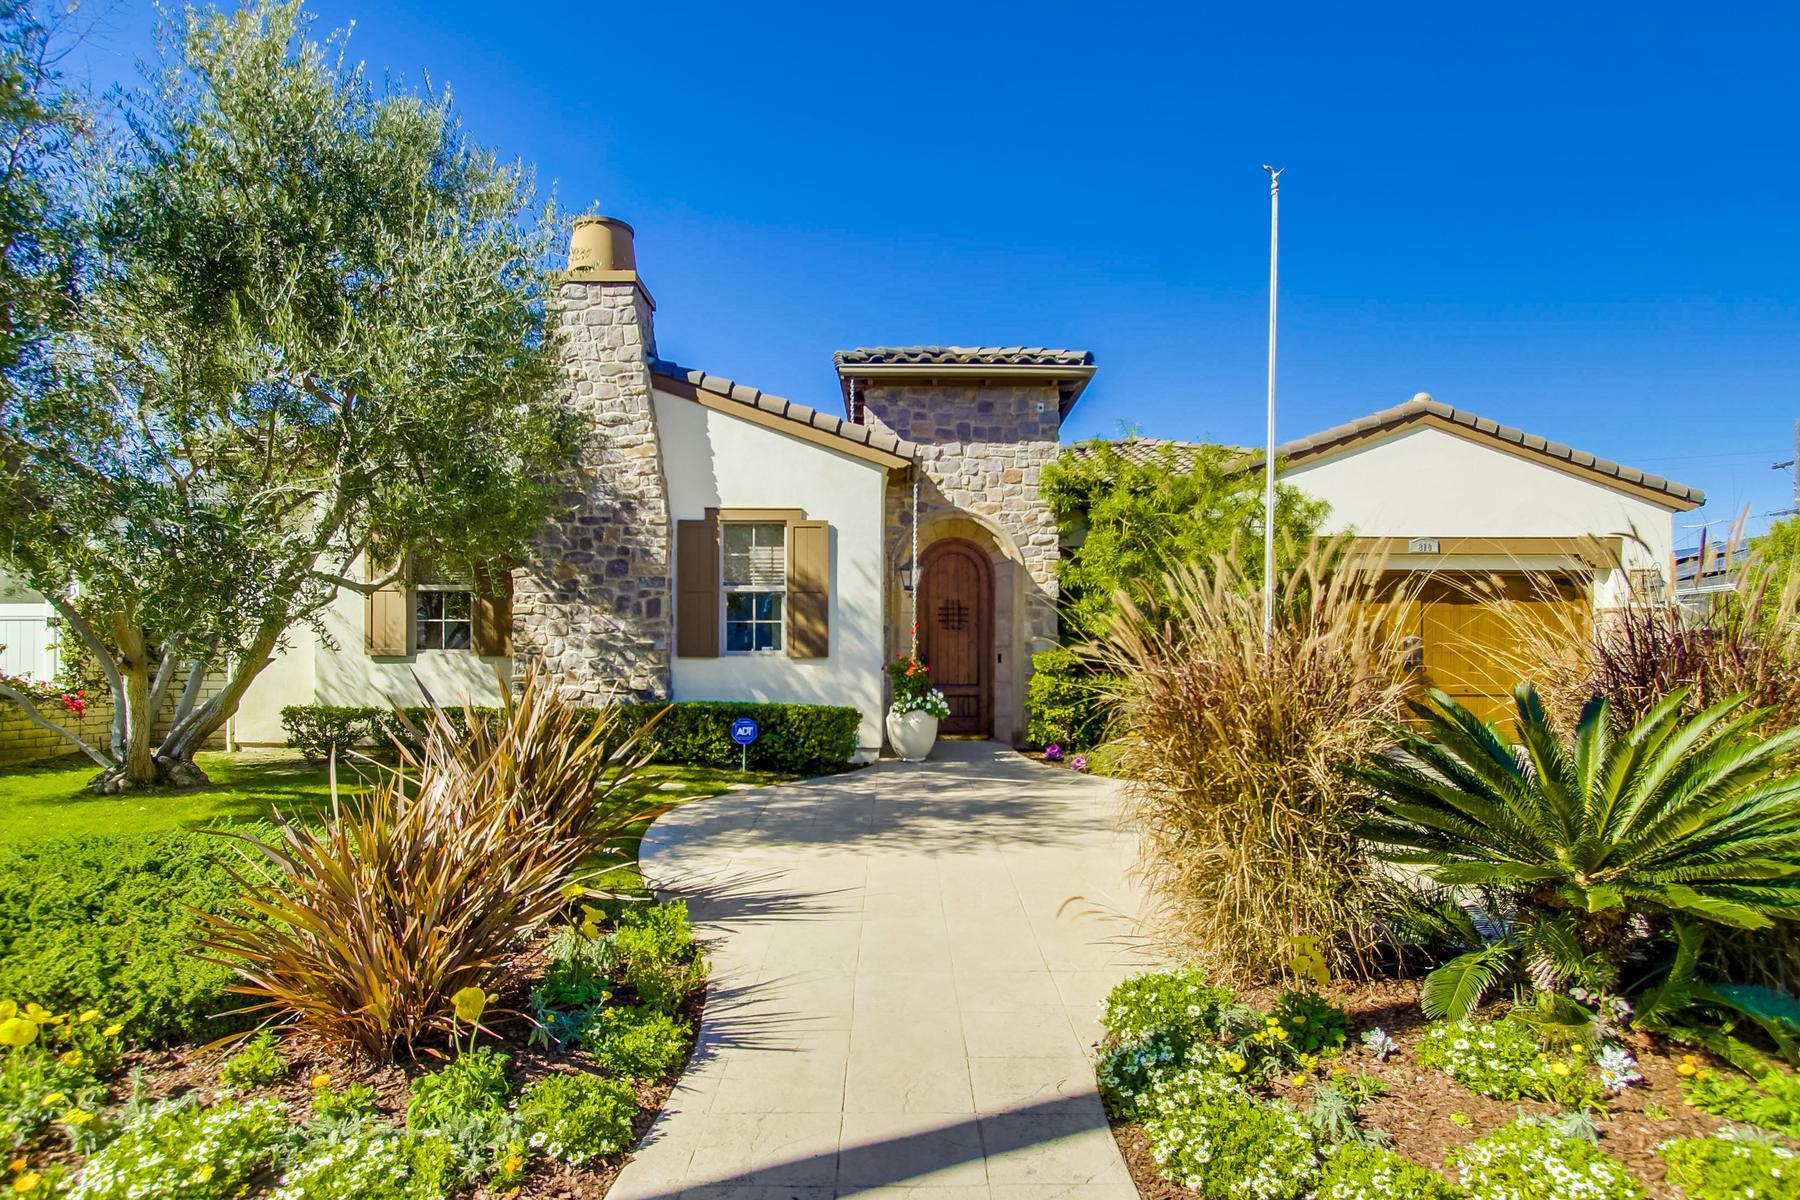 Maison unifamiliale pour l à vendre à 810 Alameda Blvd Coronado, Californie, 92118 États-Unis